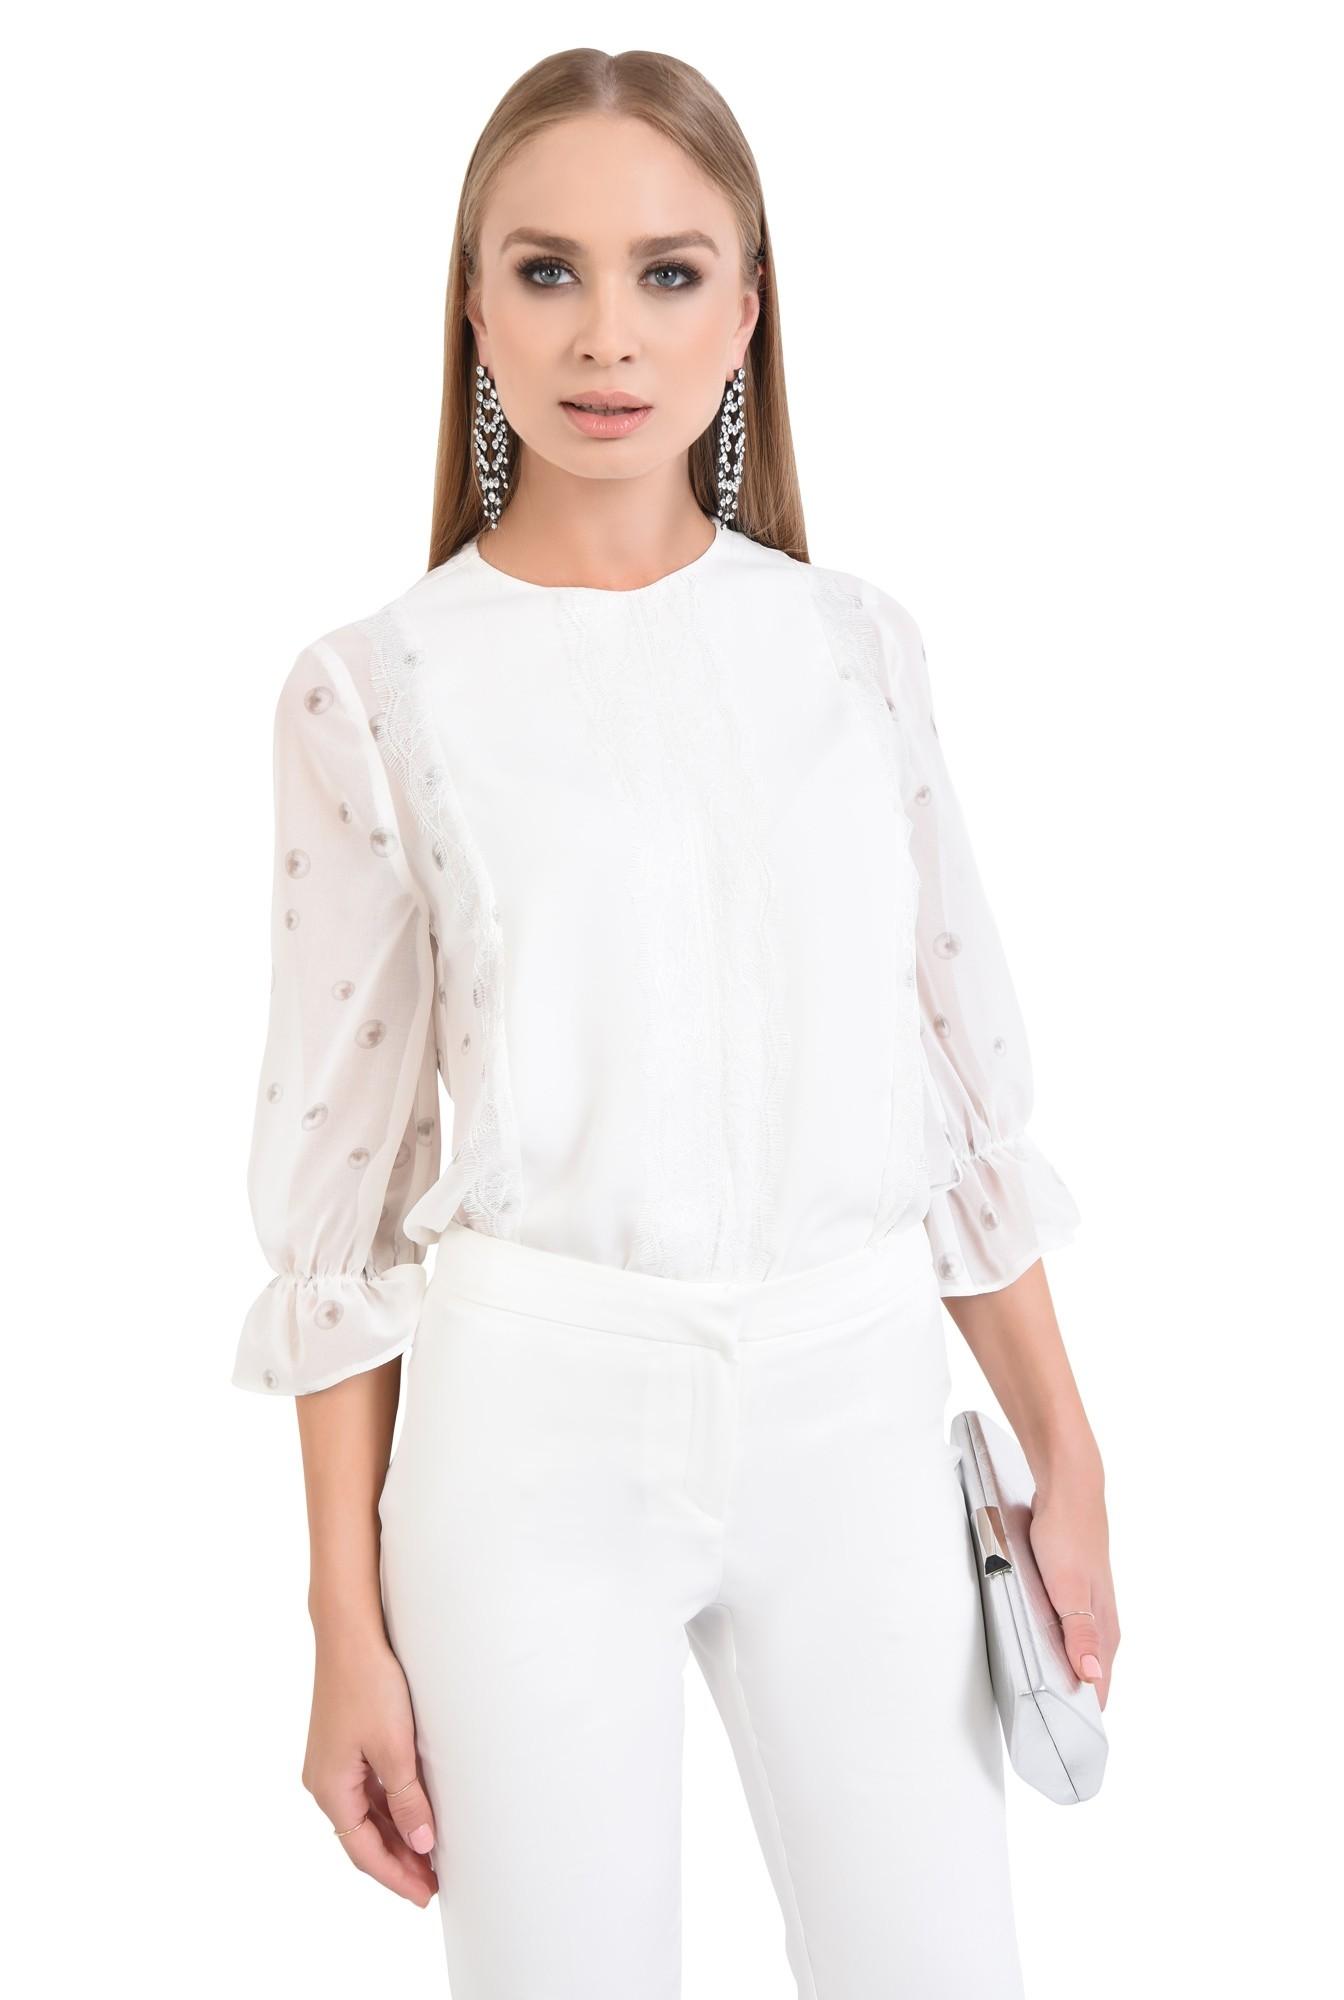 0 - bluza eleganta, voal, dantela, cu imprimeu, alb